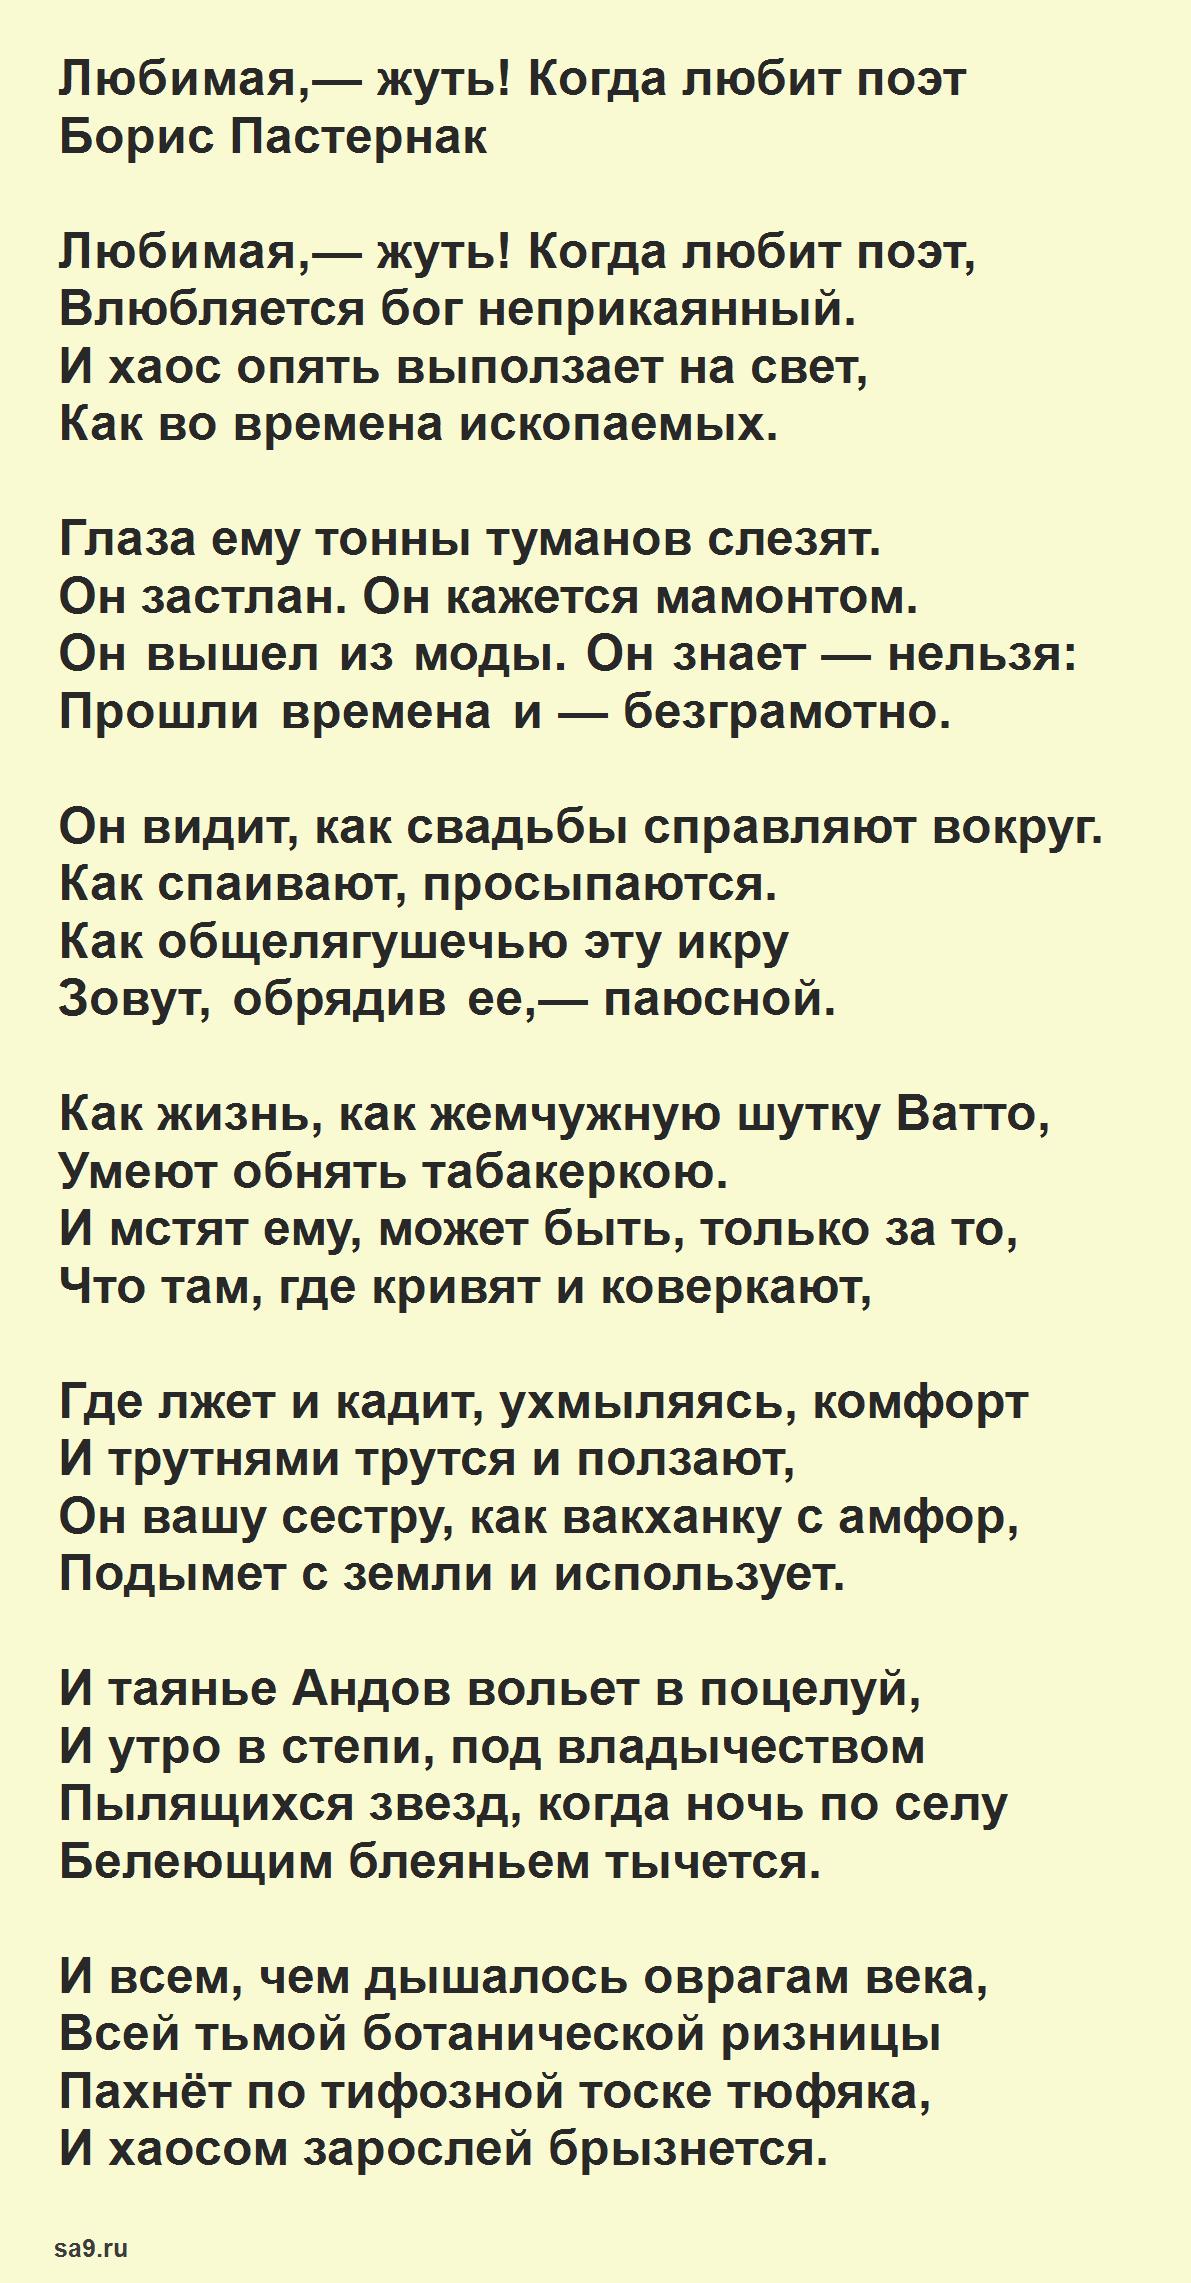 Красивые, трогательные стихи о любви жене